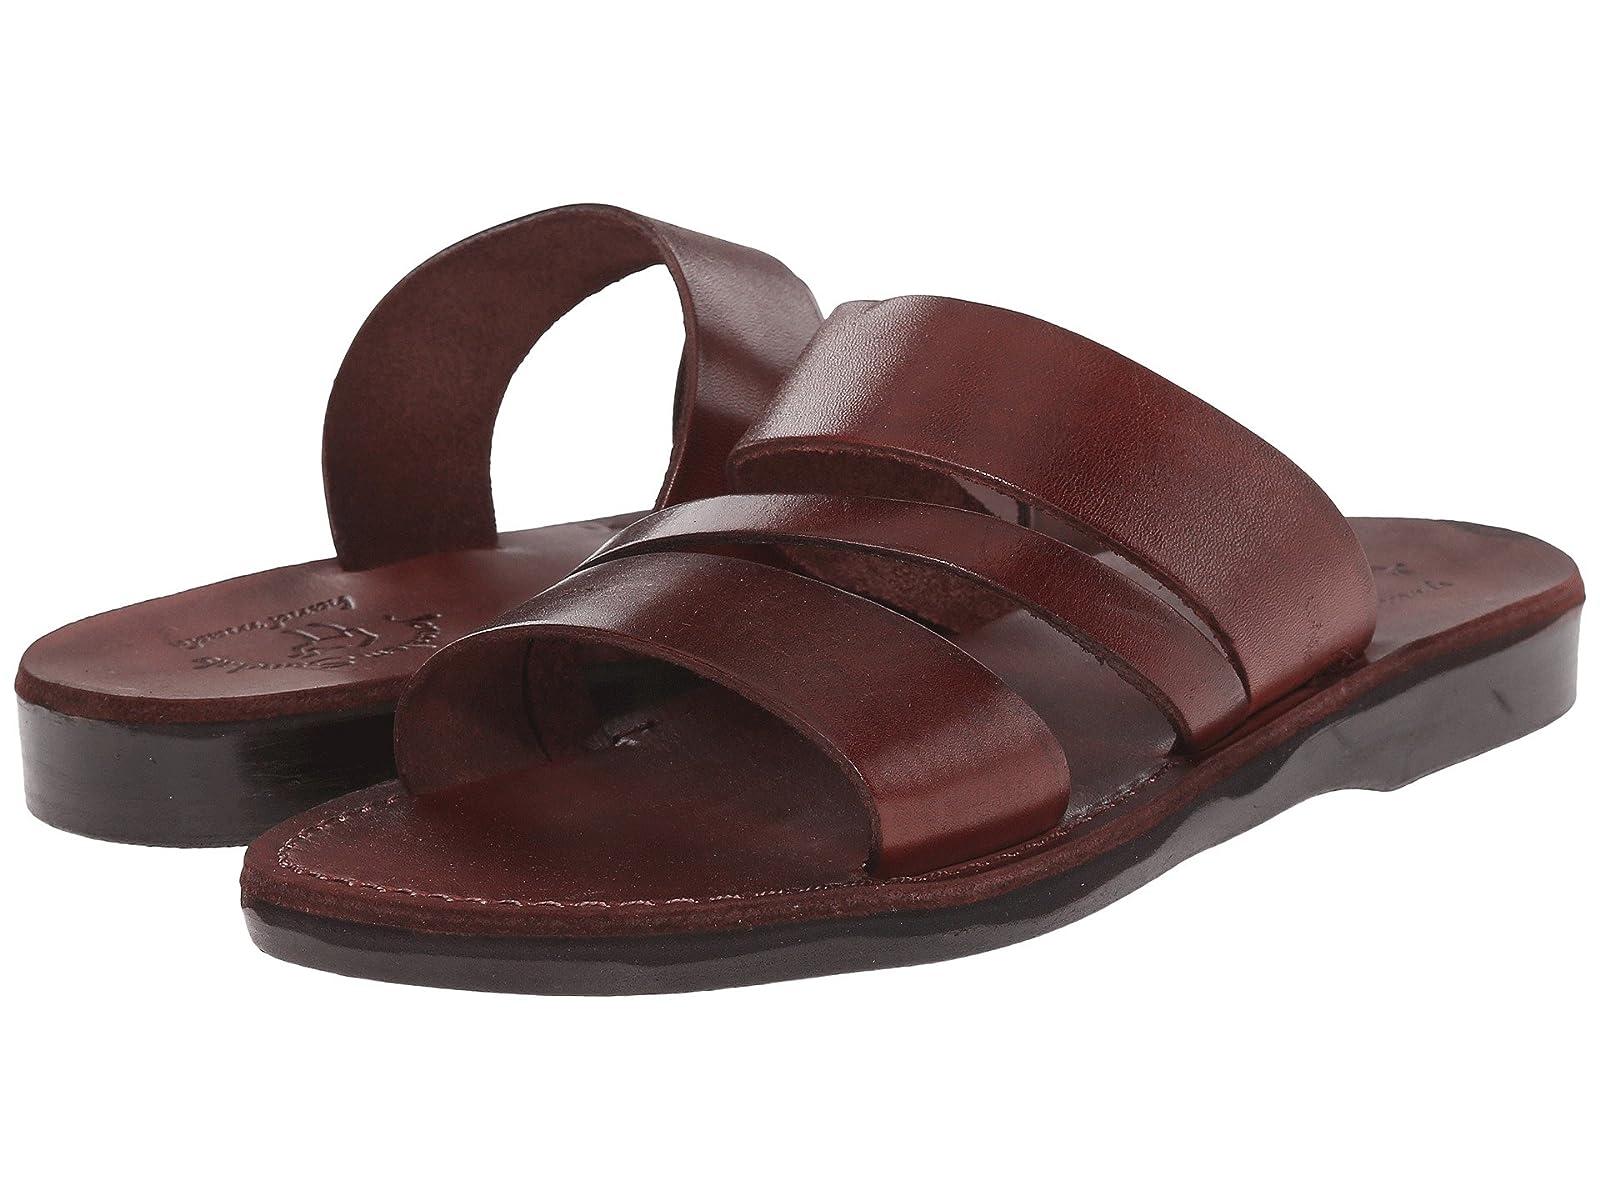 Jerusalem Sandals Boaz - MensAtmospheric grades have affordable shoes